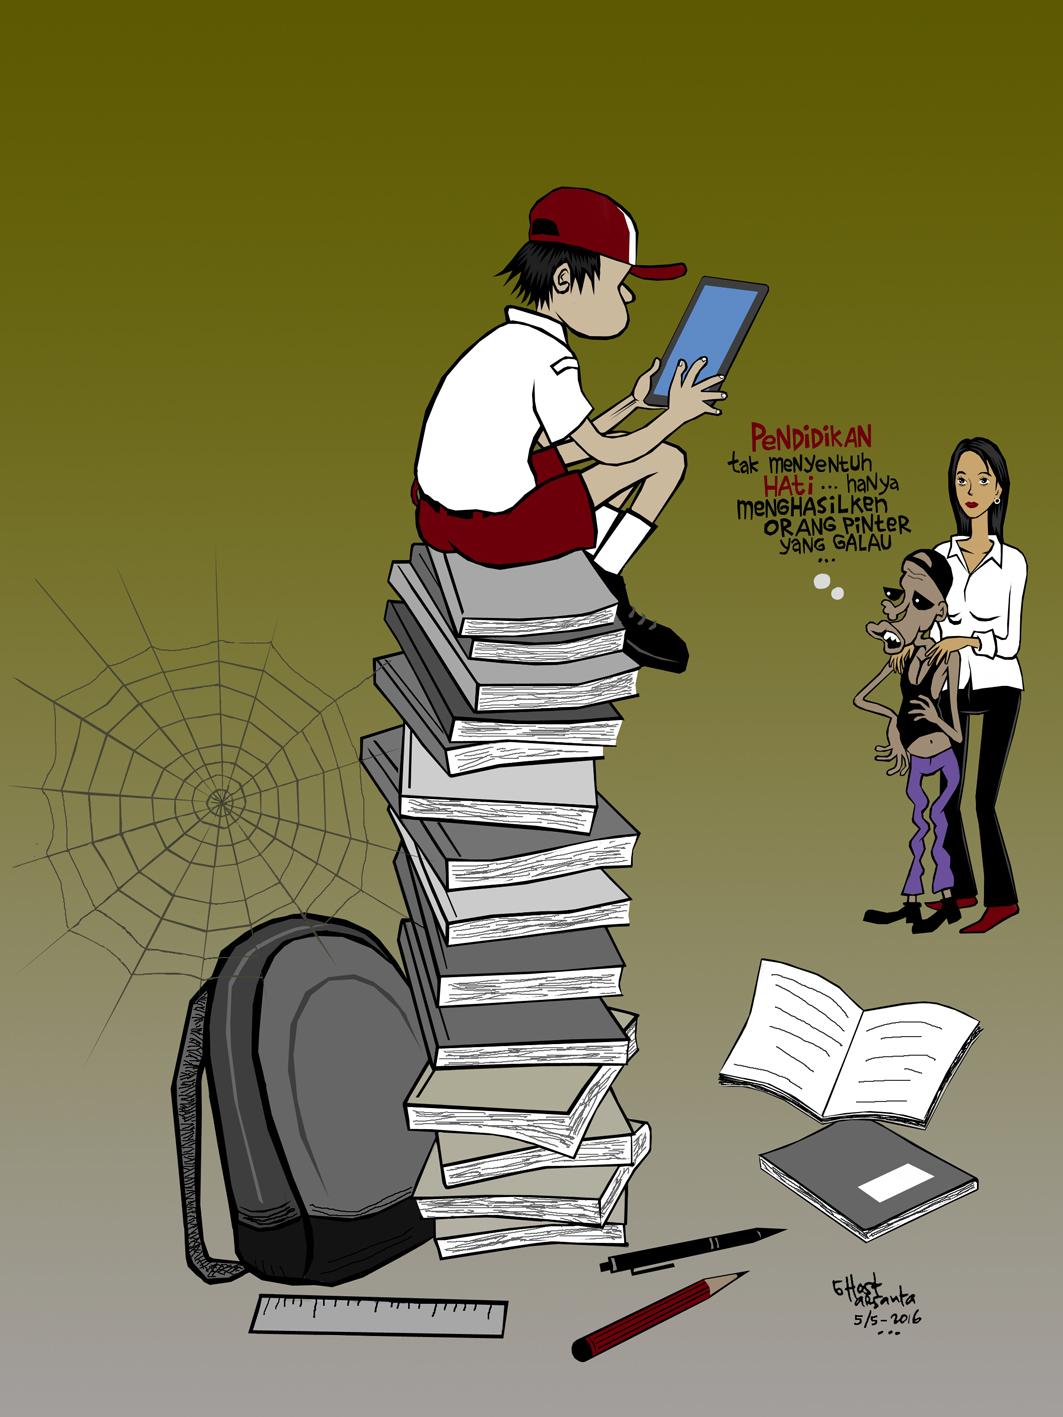 Gambar Kartun Hari Pendidikan Nasional Gokil Abis